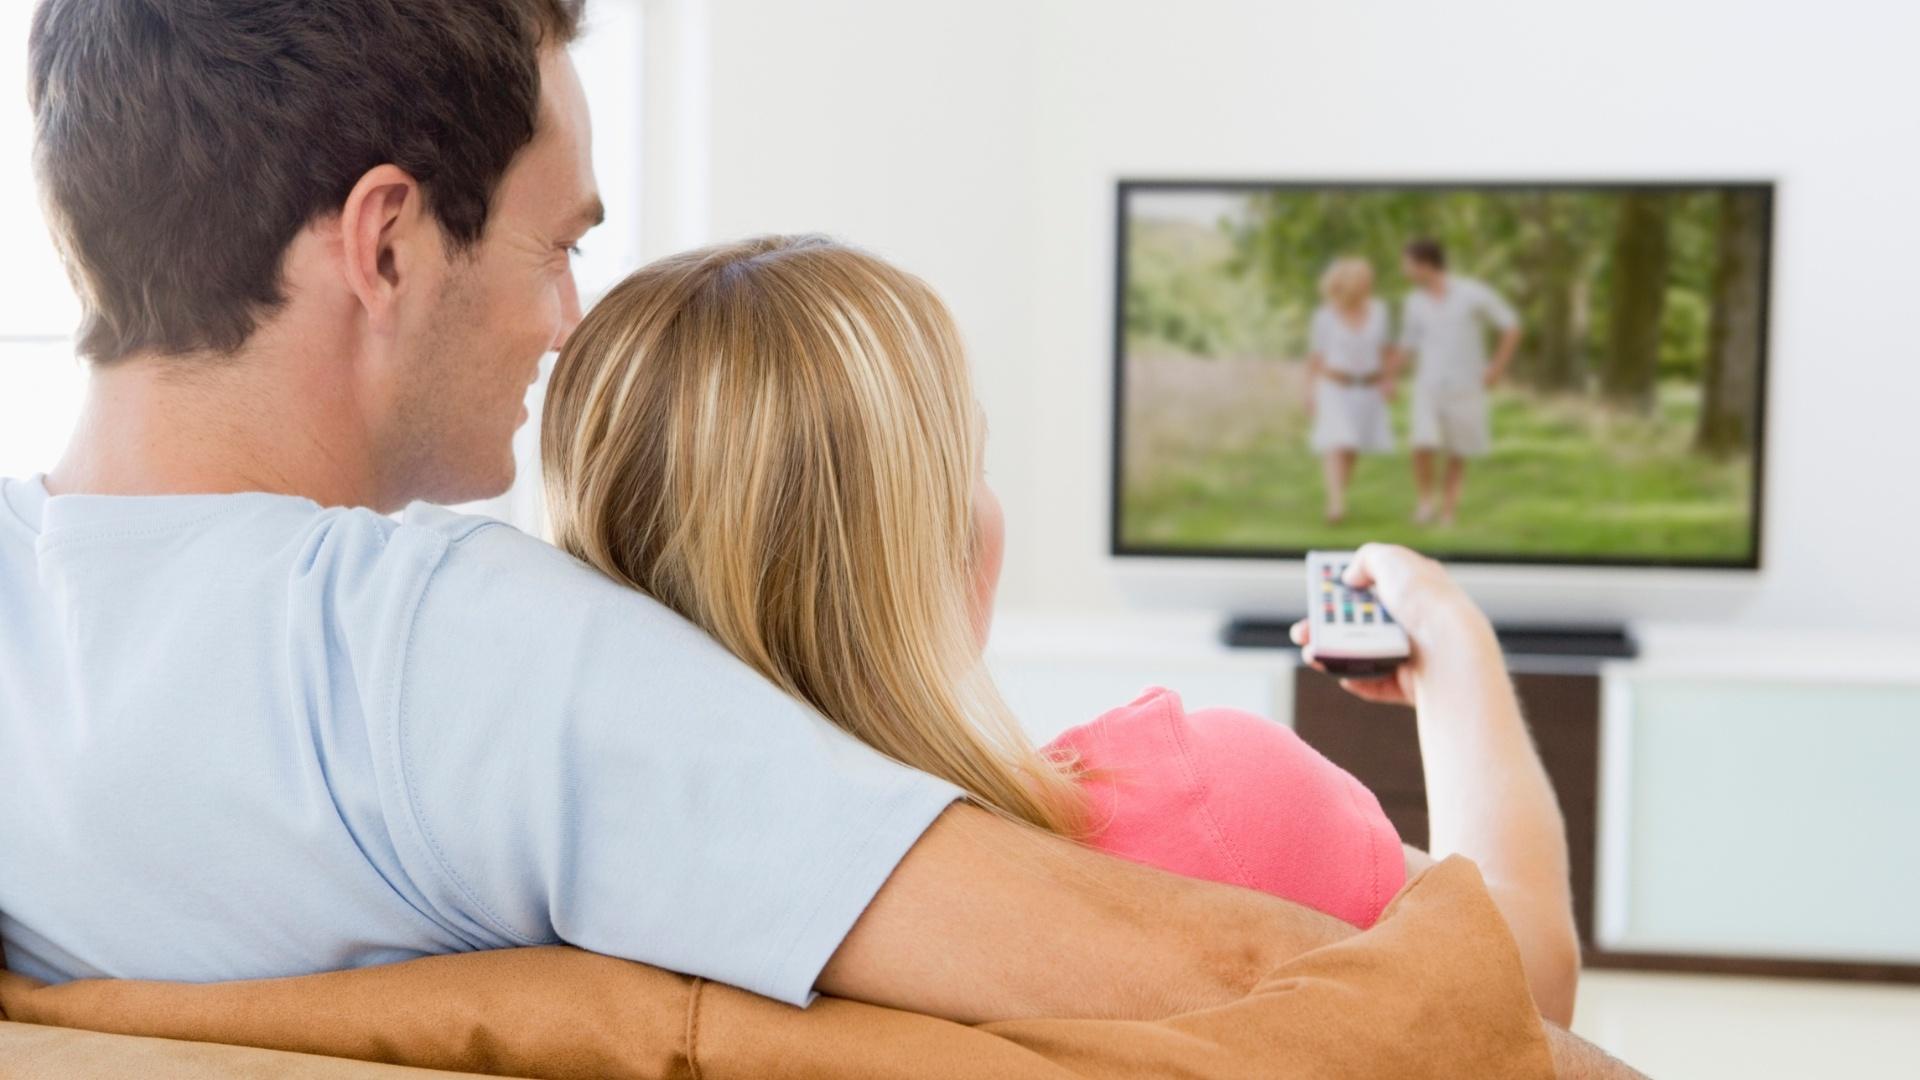 Секс смотря на телевизор 21 фотография